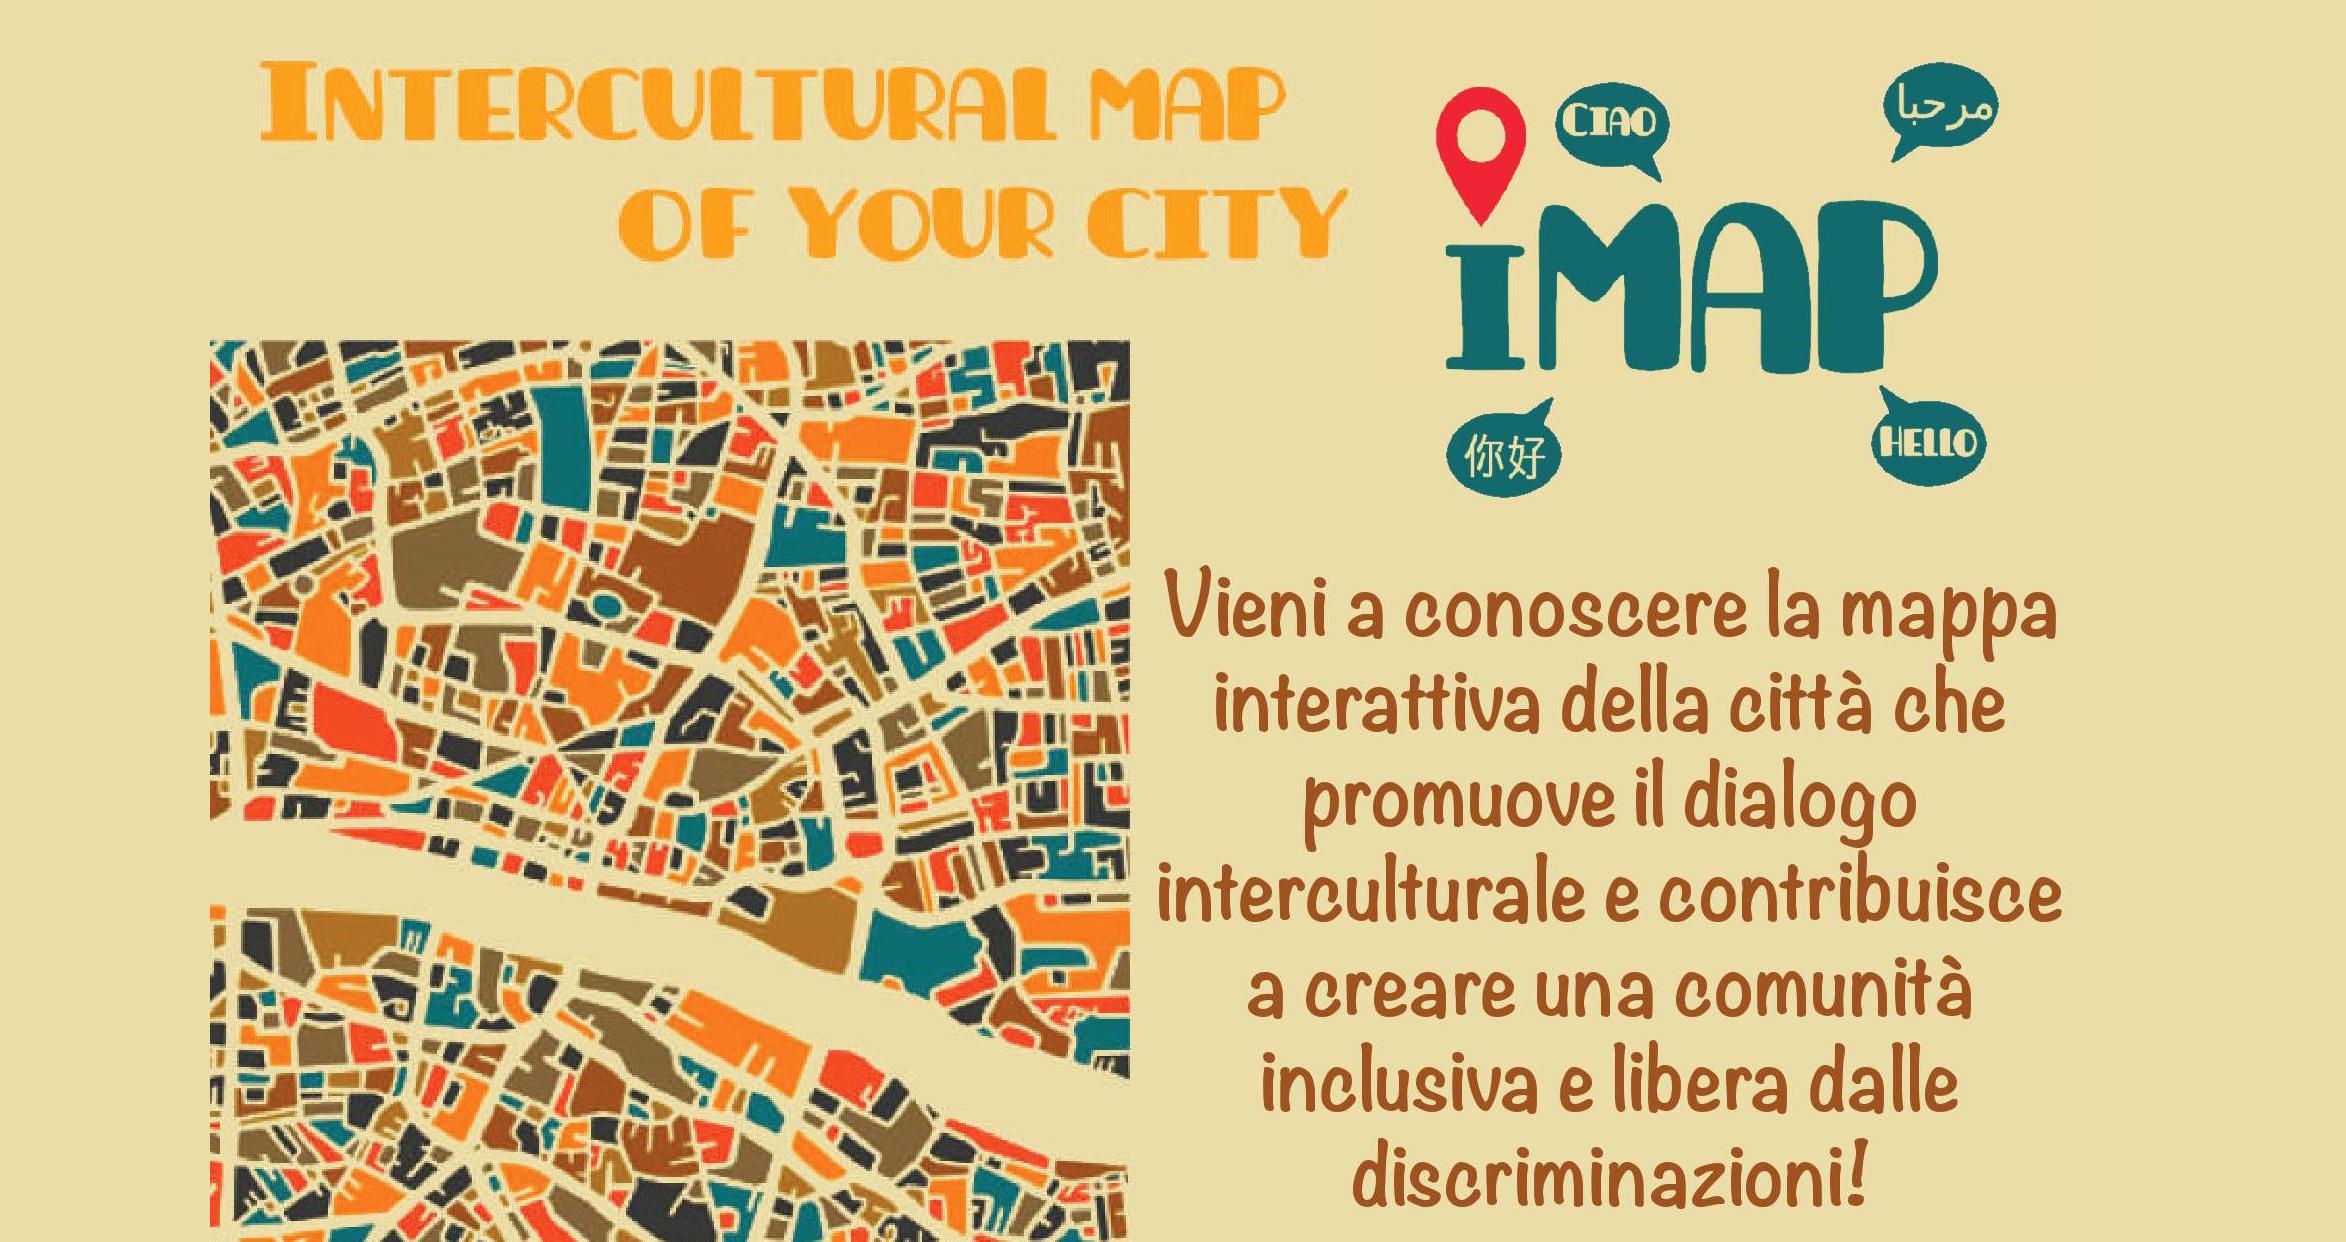 Vi aspettiamo il 10 dicembre per IMAP – Palermo interculturale a portata di mappa!